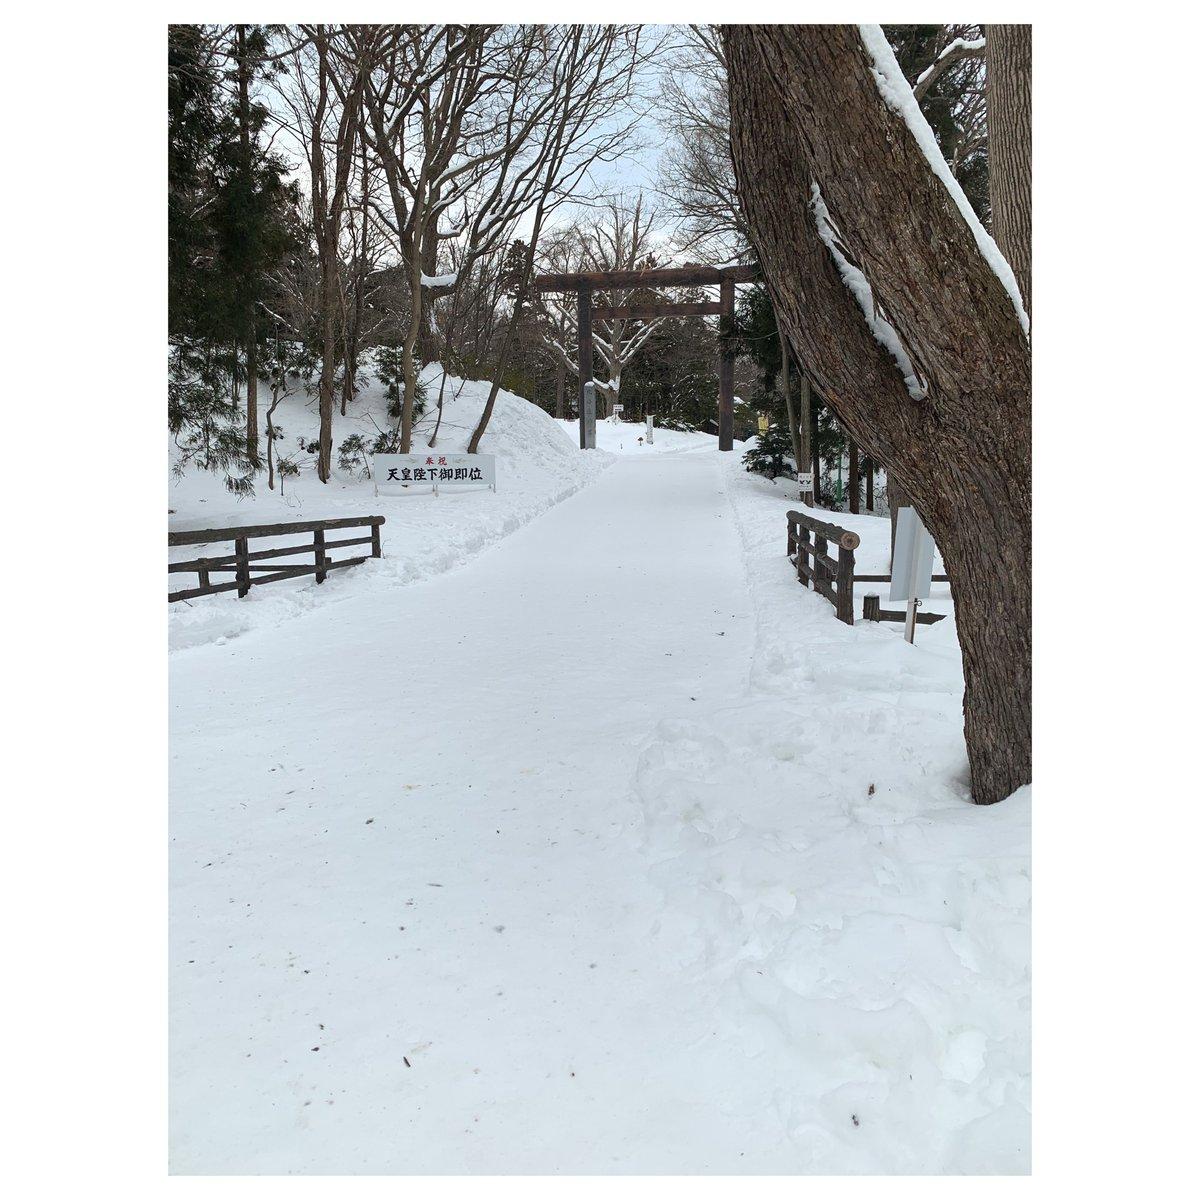 じんじゃ (jinjya) | shinto-shrine | der Shinto-Schrein  今日はチョコチョコっと北海道神宮にお邪魔してきました。  #神社 #shinto #shrine #schrein #北海道神宮 #雪 #snow #Schnee #снег #札幌 #Sapporo #北海道 #Hokkaido #日本 #Japan #写真 #photo #Foto #Фото #art #Kunst #streetphotography